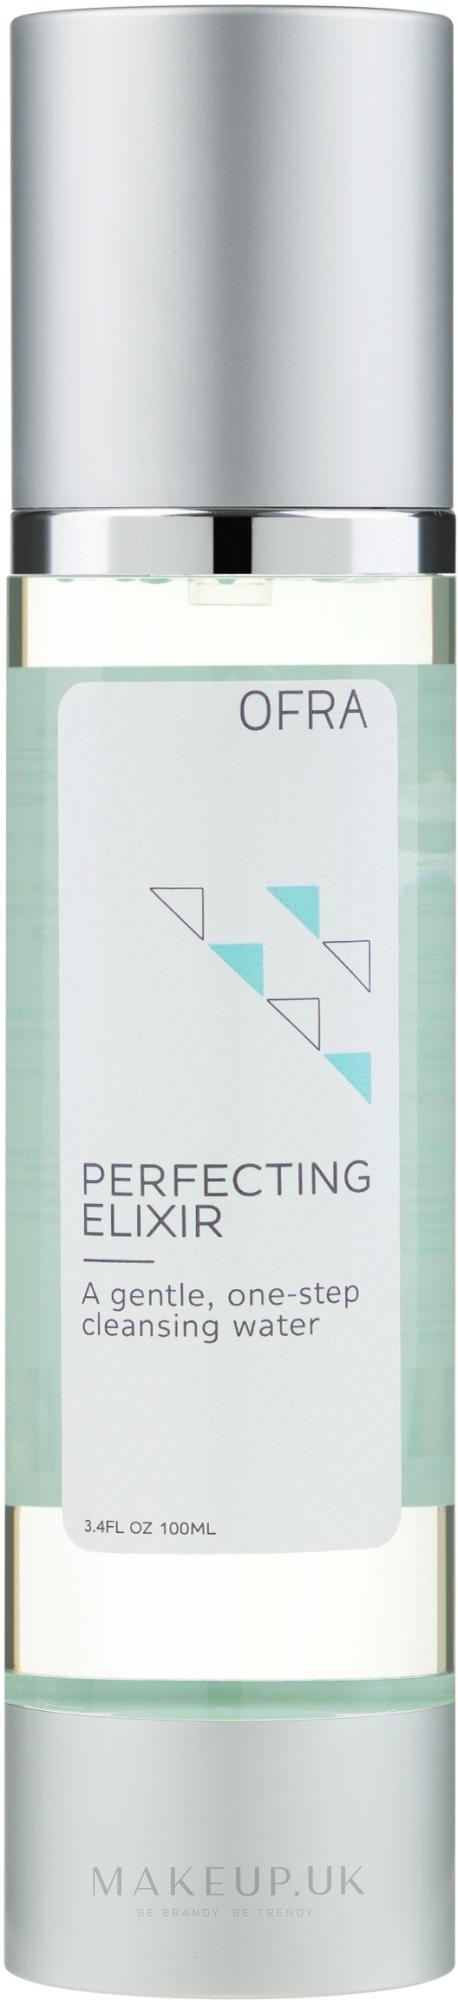 Micellar Water - Ofra Perfecting Elixir Micellar Water — photo 100 ml